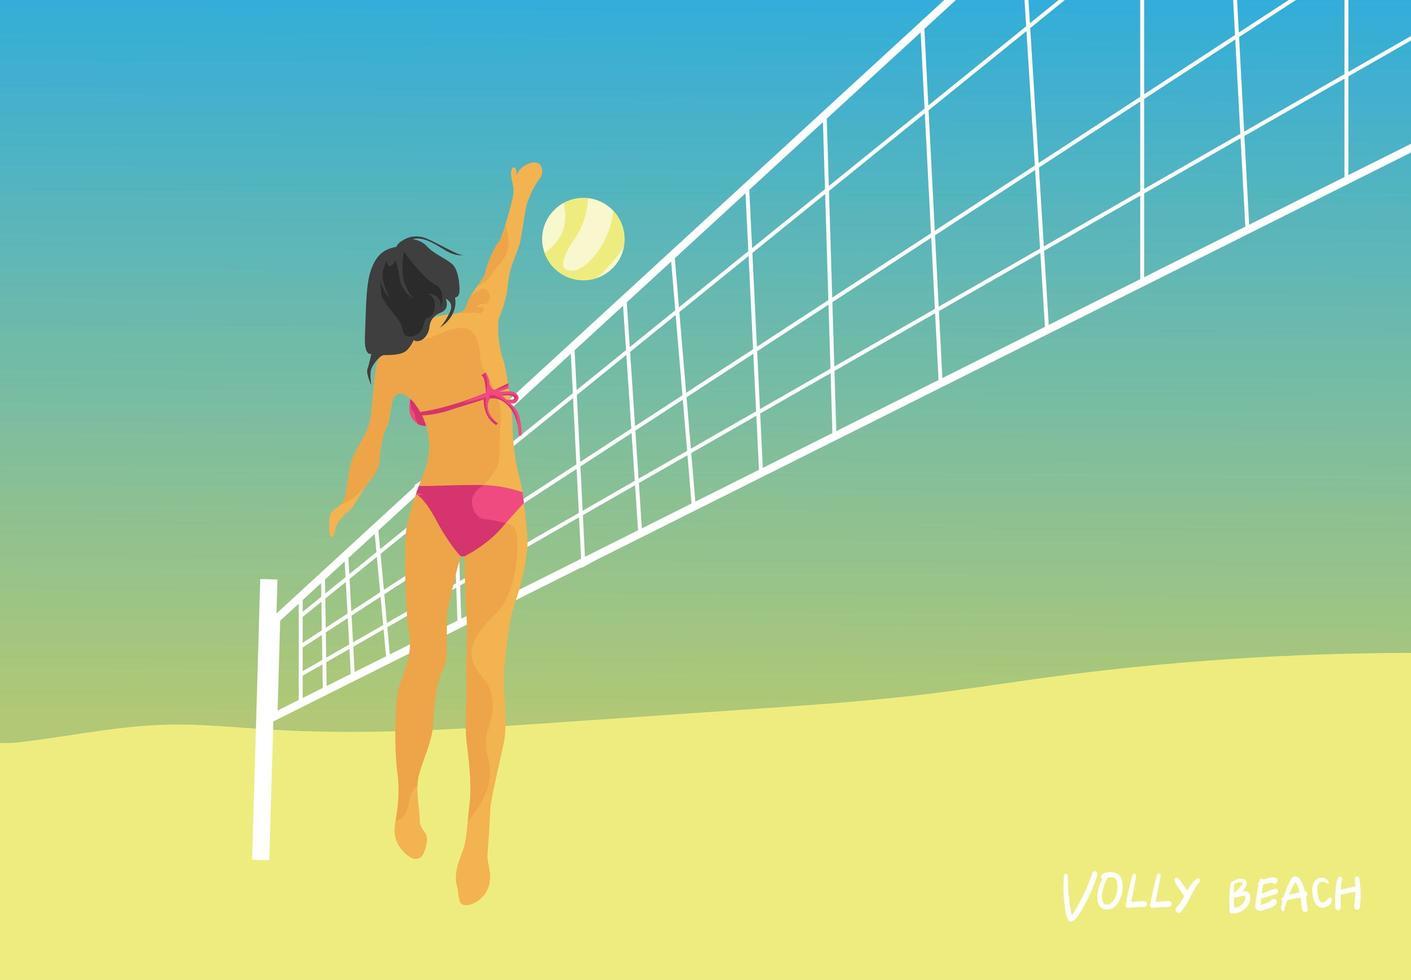 femme jouant au volley-ball sur la plage en été vecteur